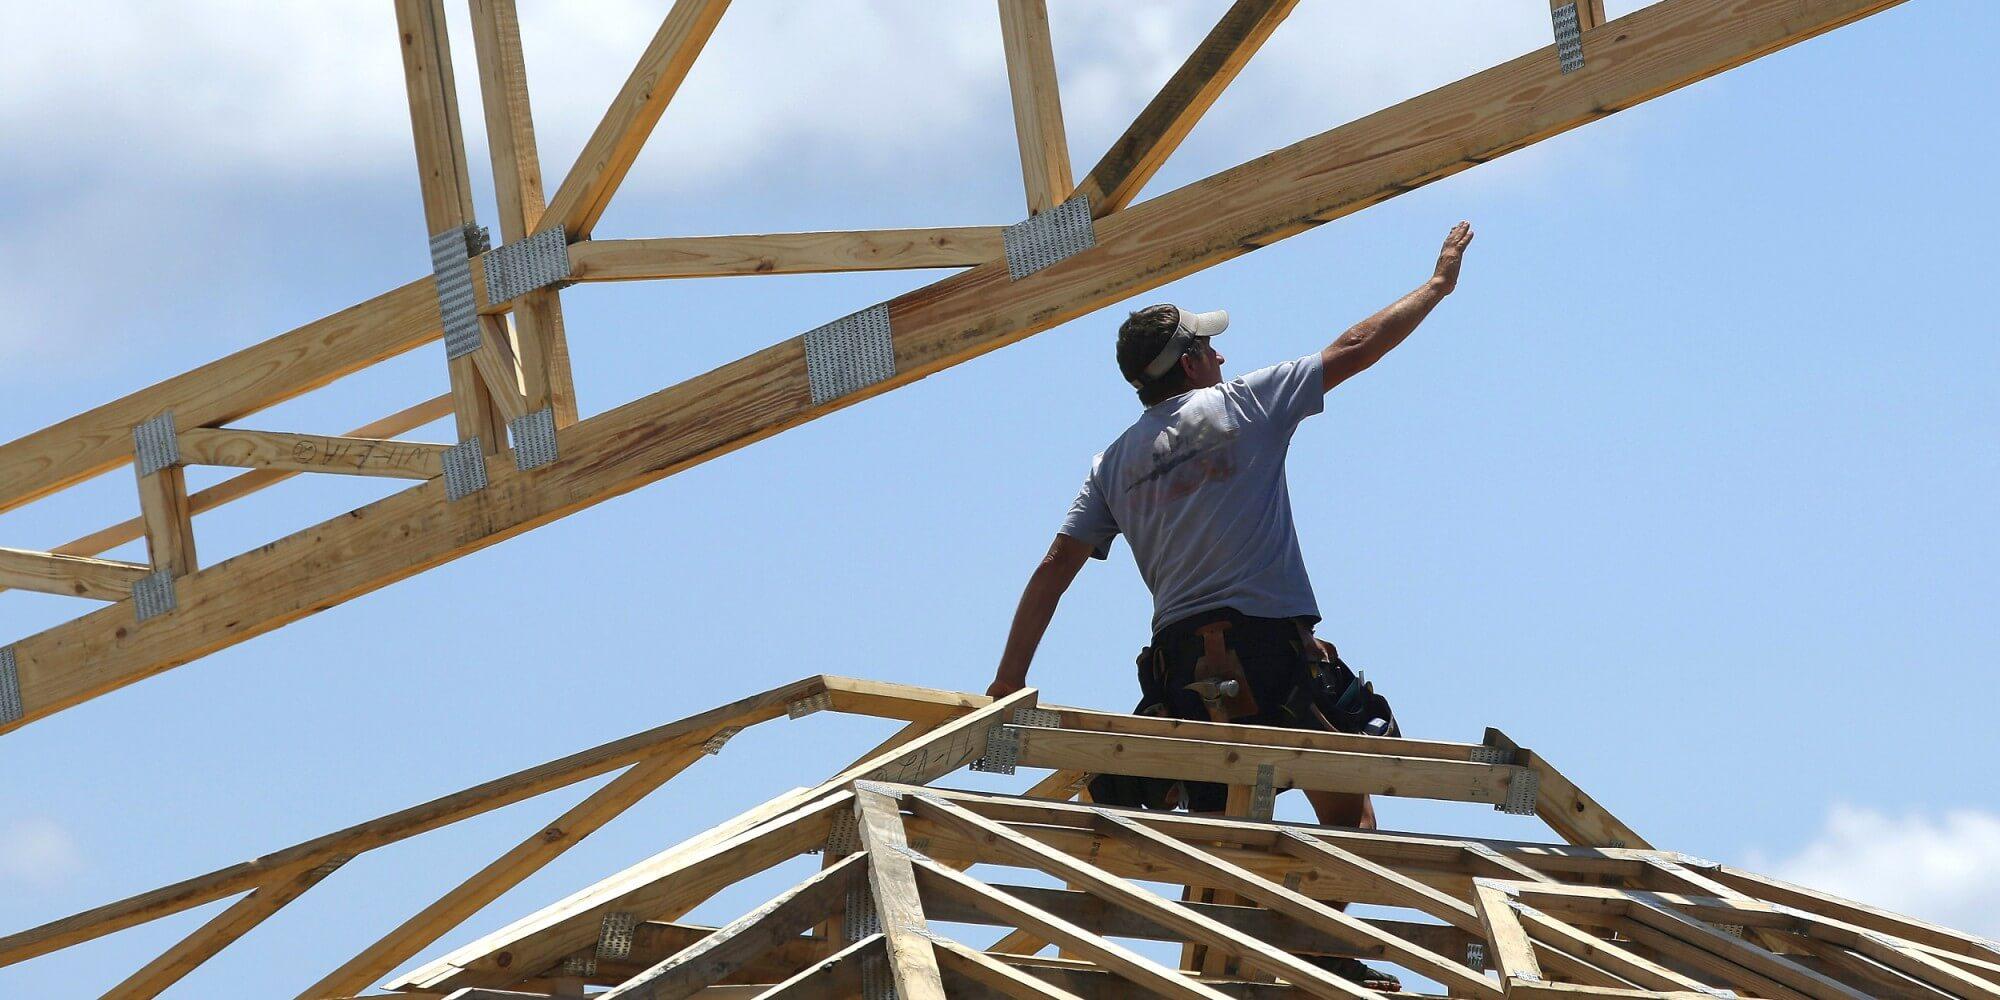 Az építőiparban a legerősebb az új munkaerő iránti kereslet